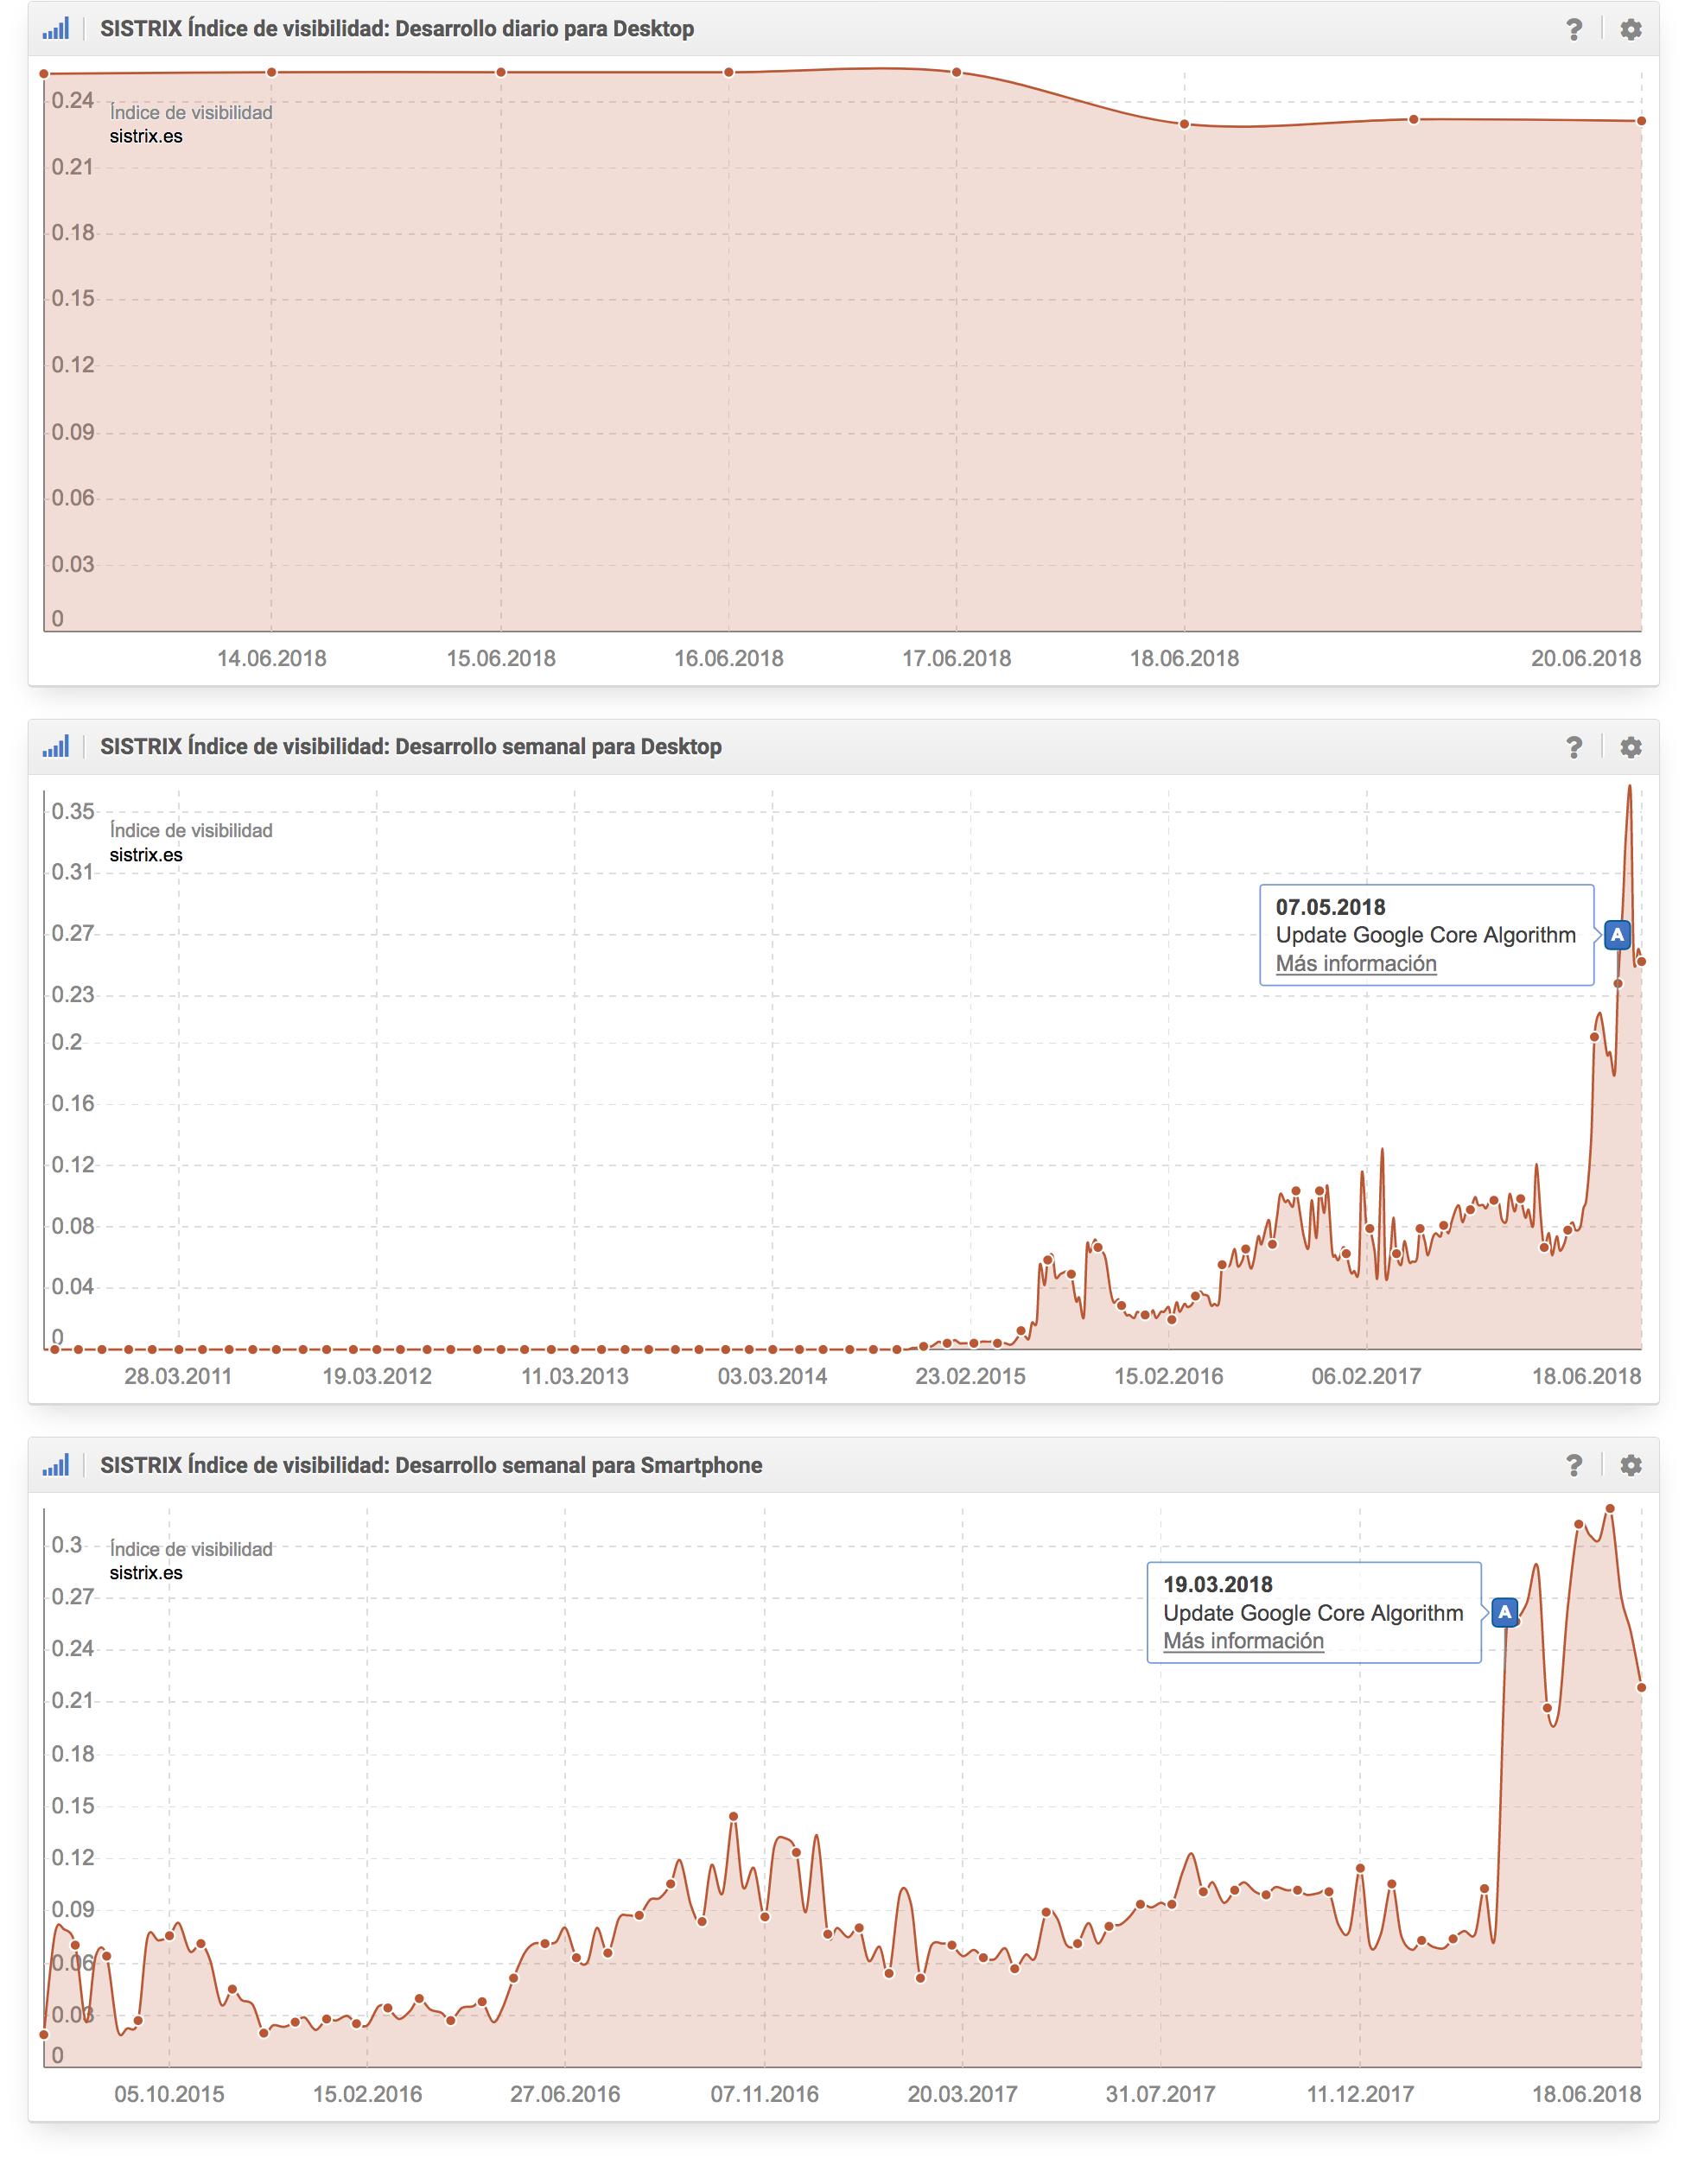 Índice de visibilidad diario con datos desde 13 de junio 2018, Índice de visibilidad semanal con datos desde 26 de julio 2010, Índice de visibilidad móvil con datos desde 13 de julio 2015 del dominio sistrix.es